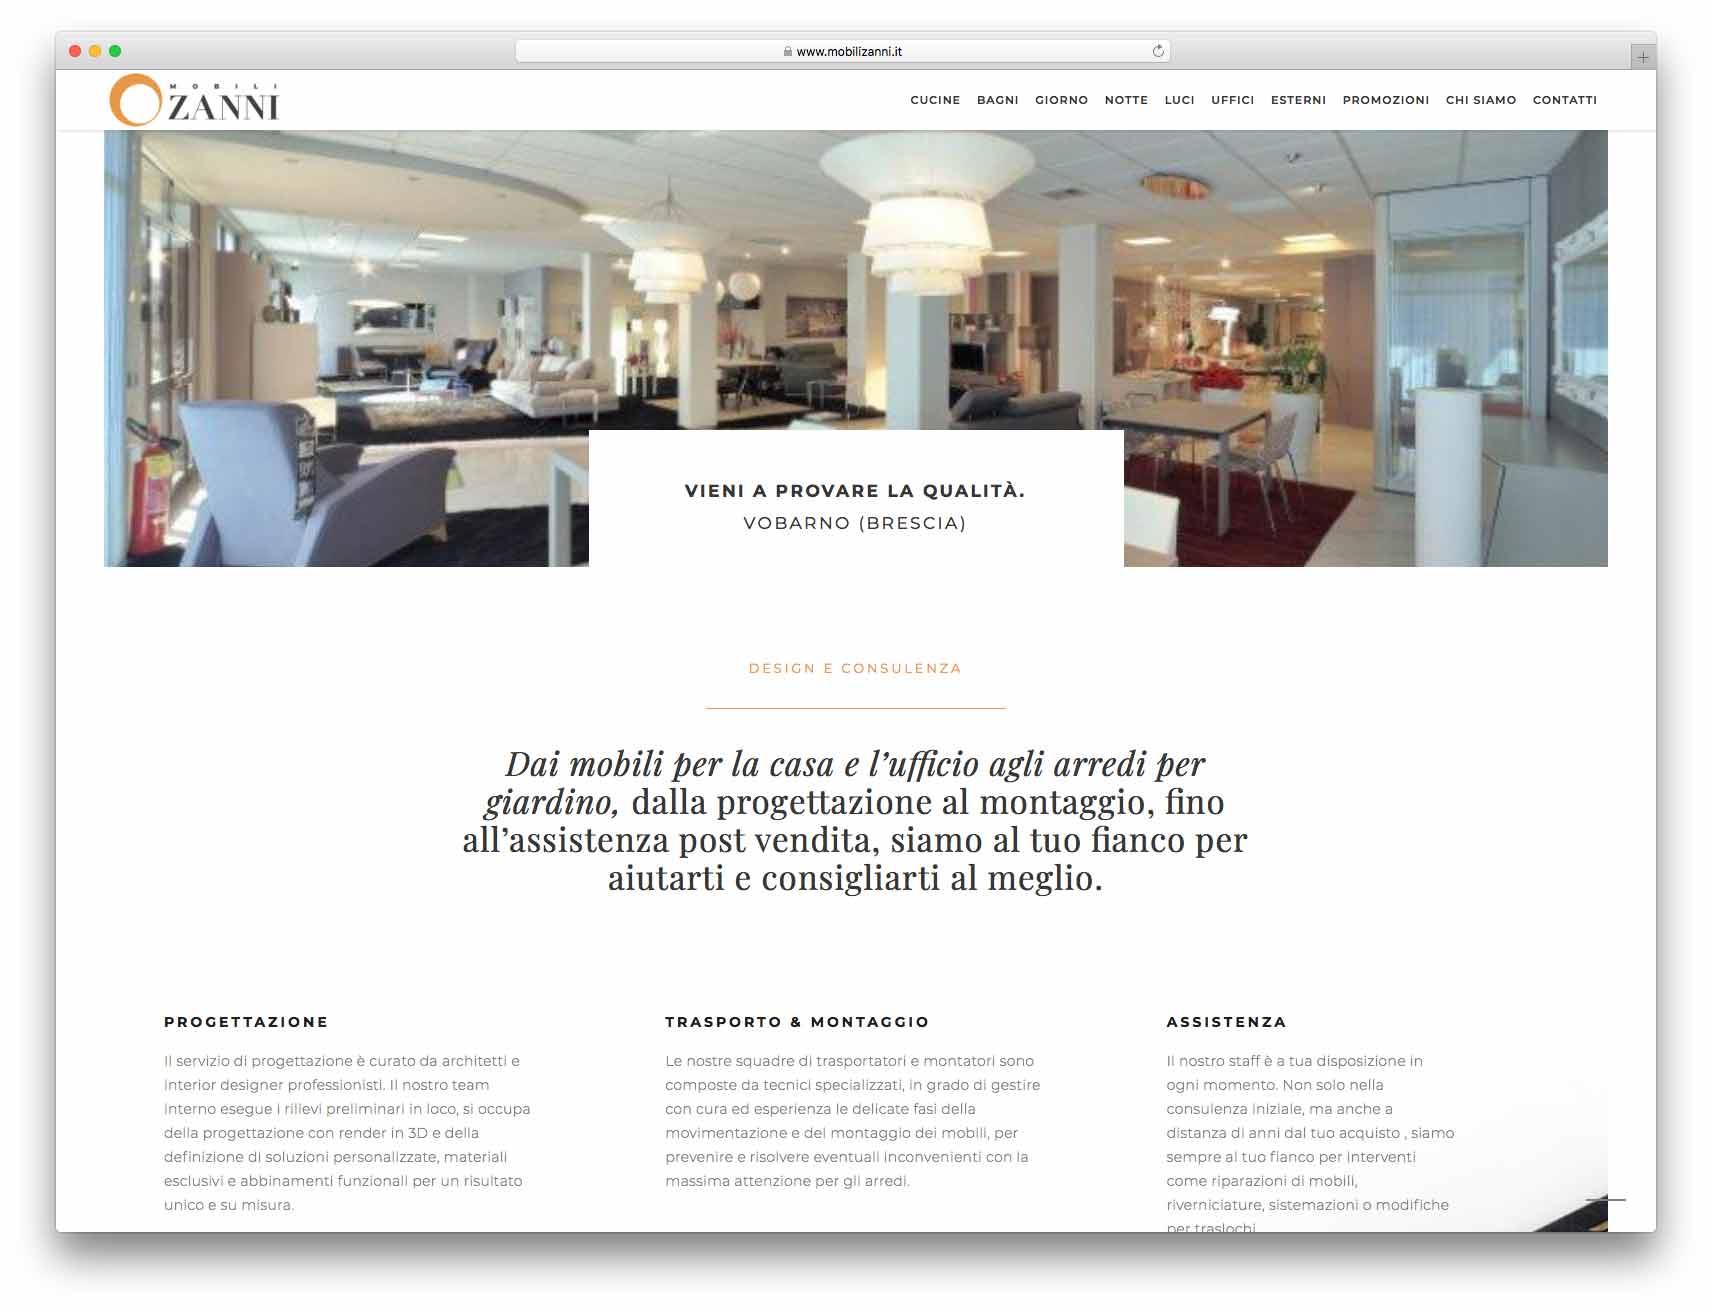 creazione siti web brescia - Agenzia P - sito web Mobili Zanni